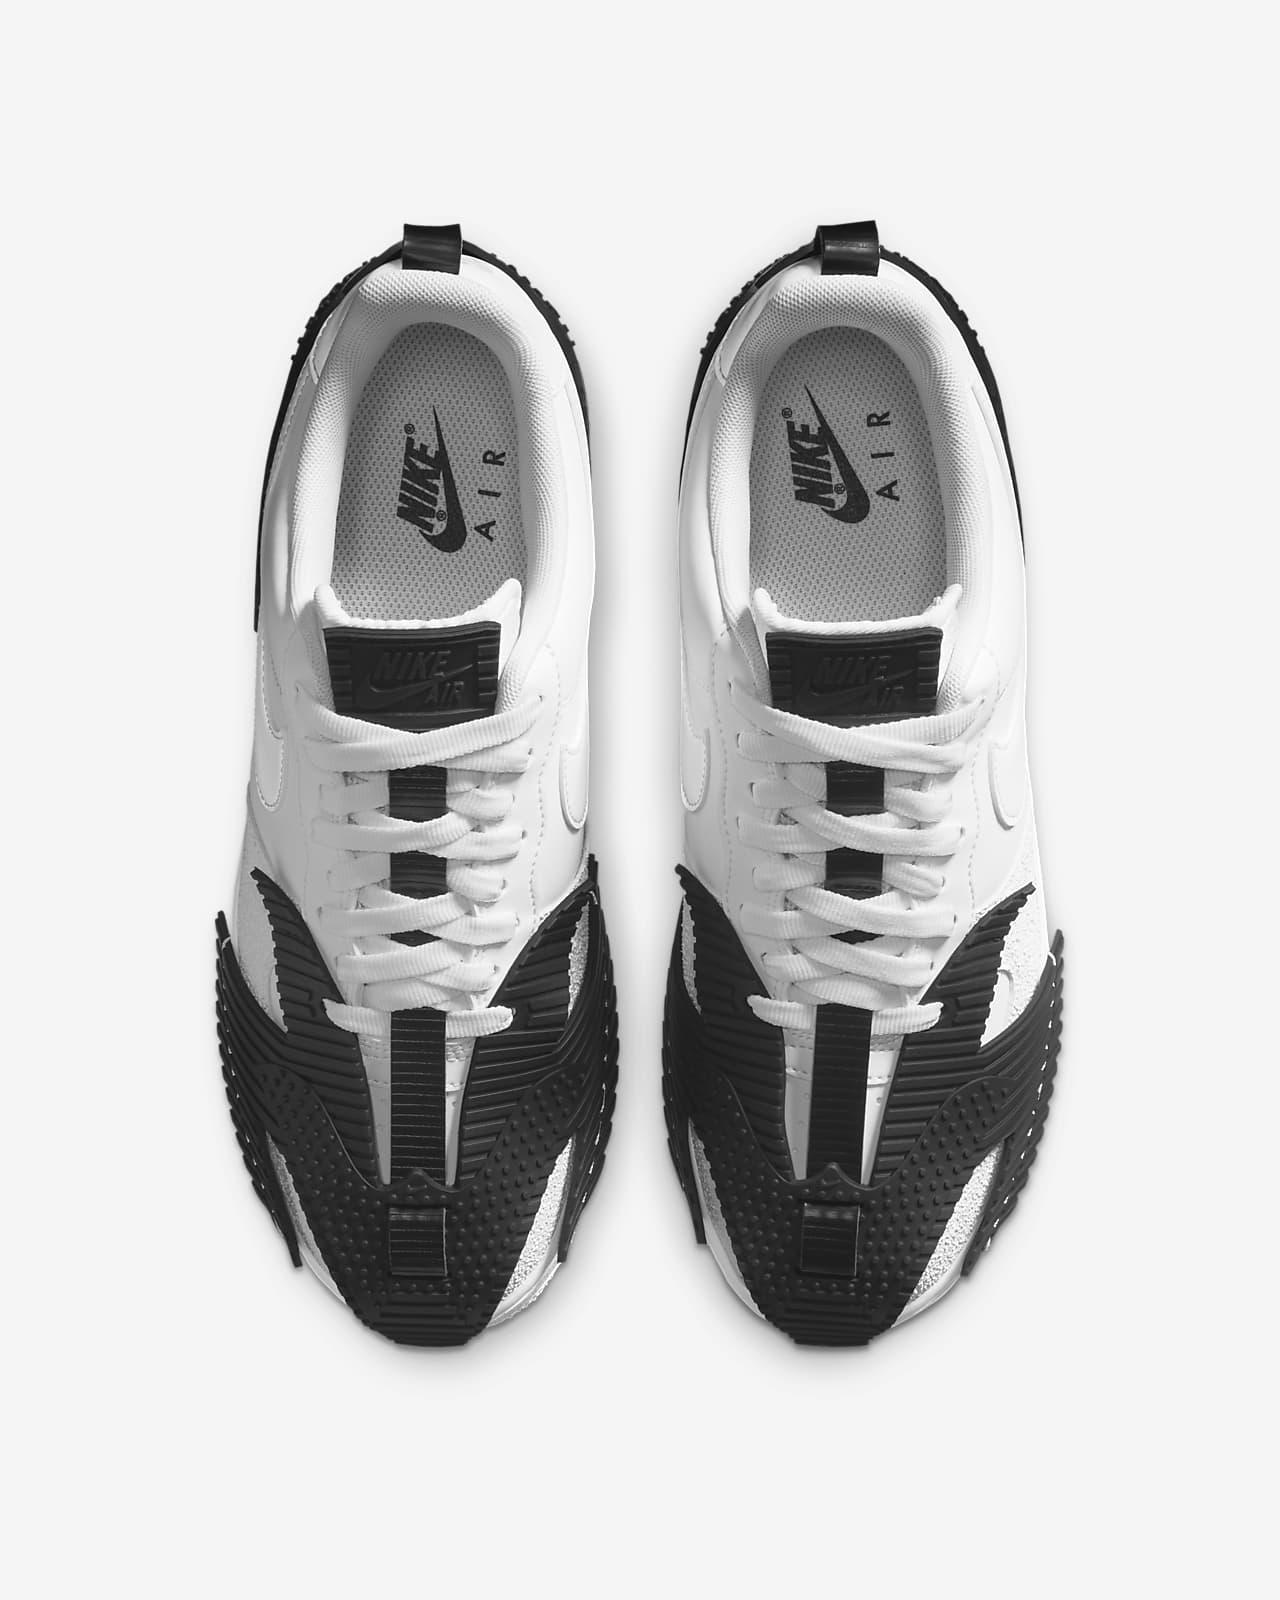 รองเท้าผู้ชาย Nike Air Force 1 NDESTRUKT